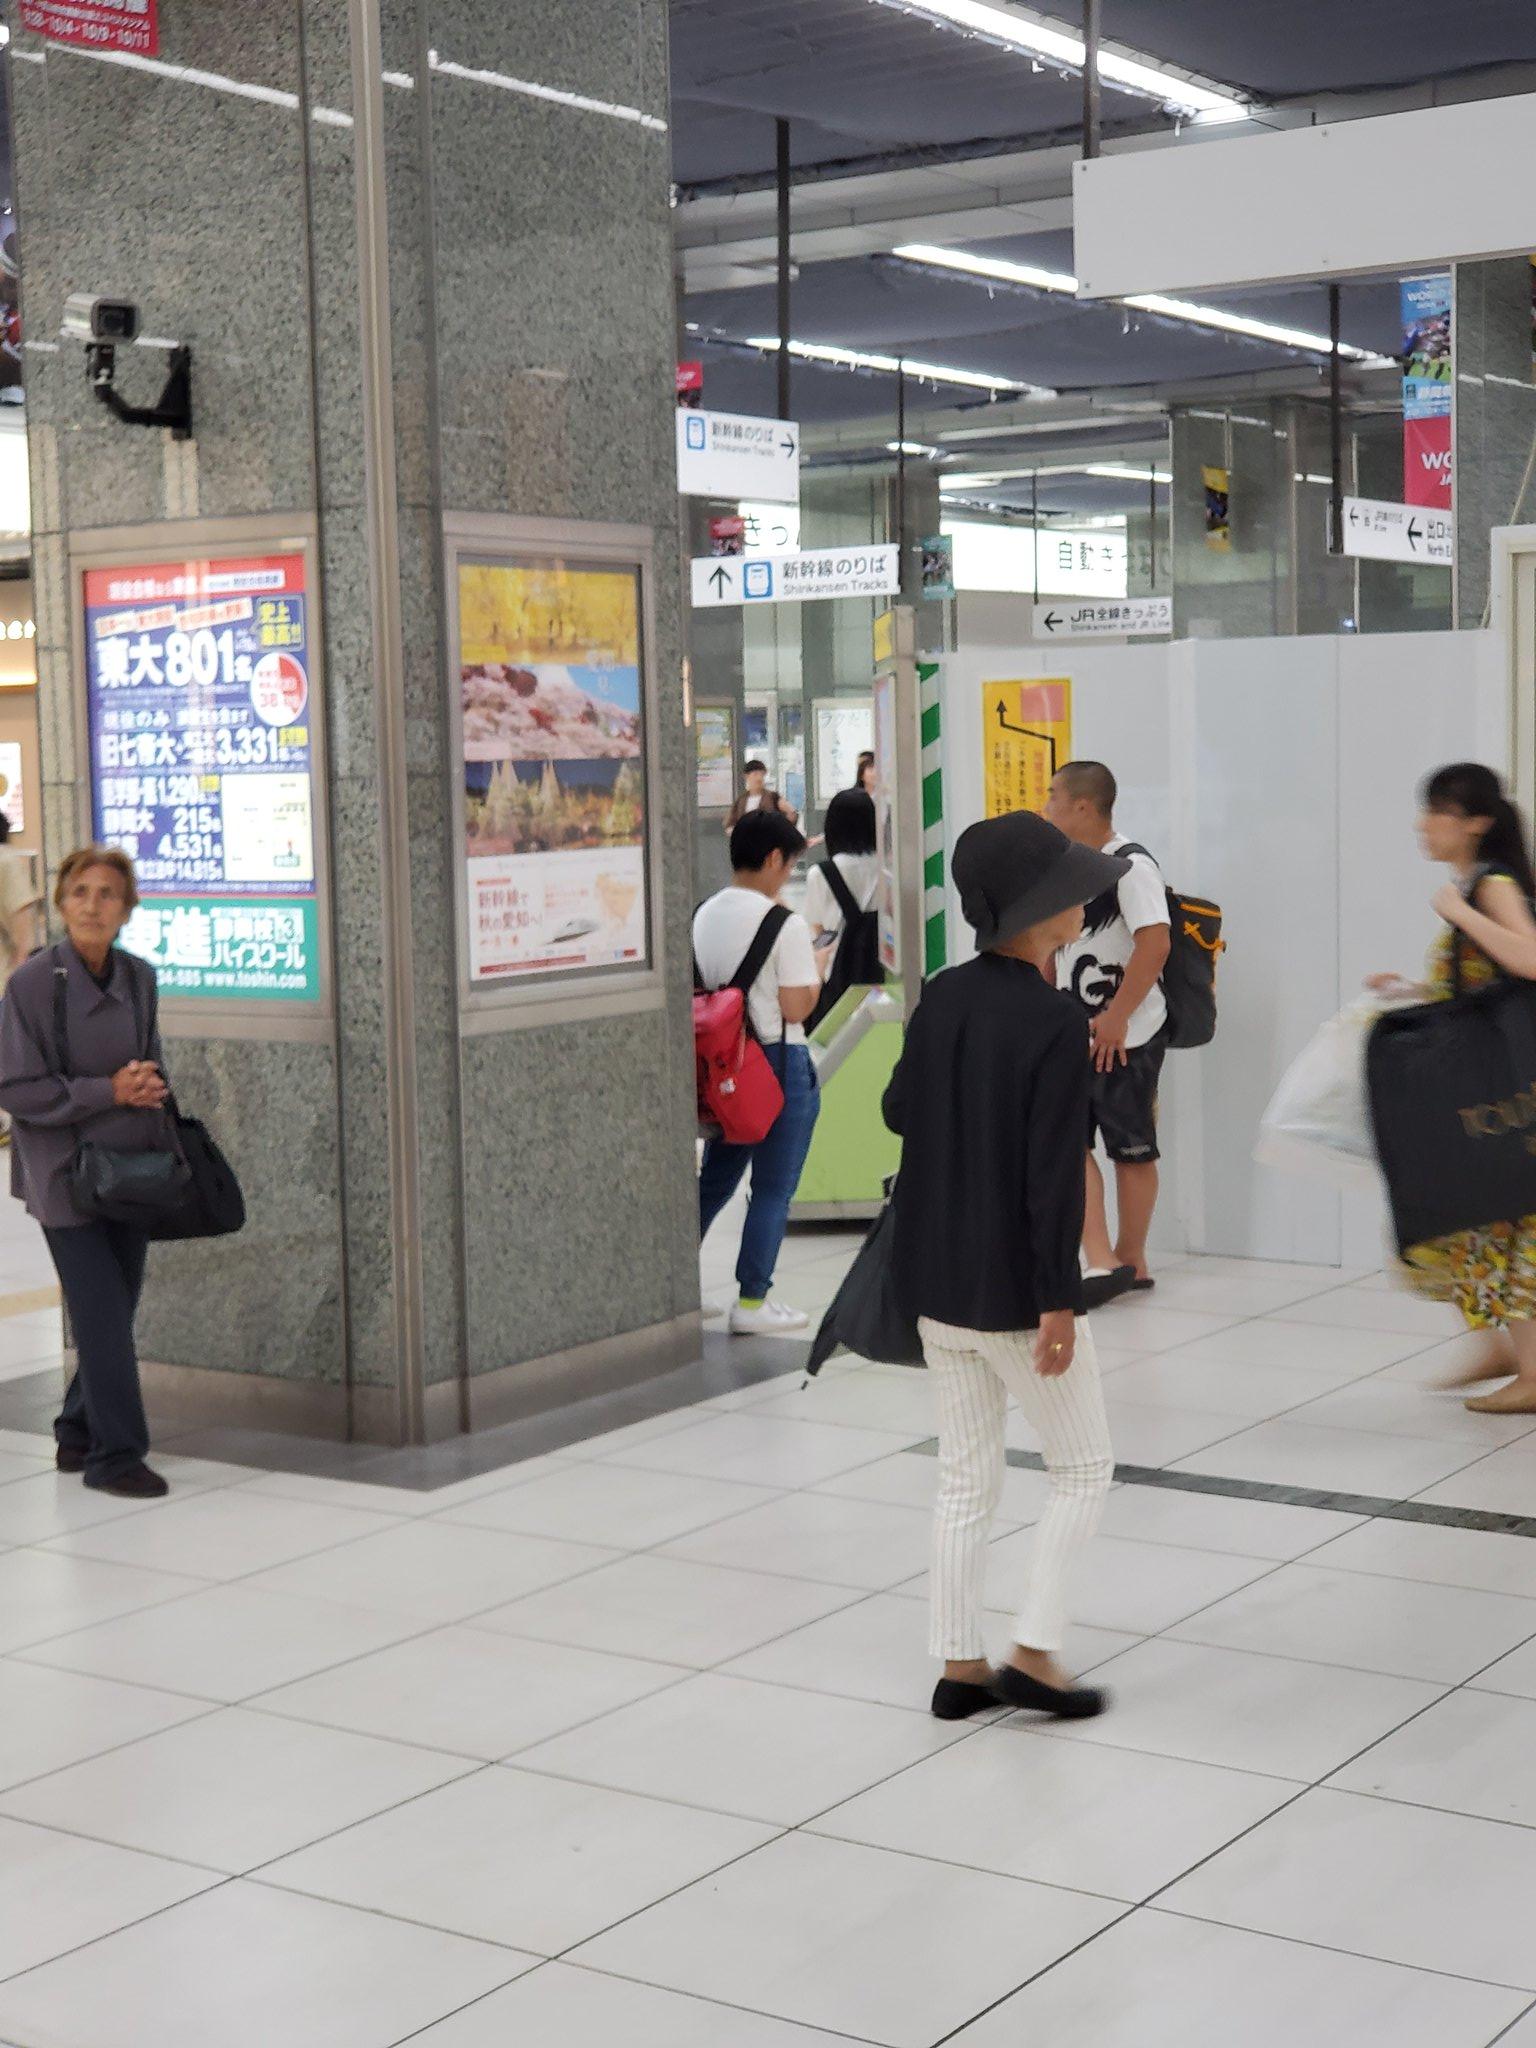 拡散希望。RTお願いします。 最近、静岡駅内で1000-2000円を奪うお婆さんが出没しております。黒い帽子、白いパンツ 犯人は重い病気で今日泊まる所がないと言い、お金をむしり取ろうとしてます。絶対にお金は渡さないで! #拡散希望#窃盗#静岡駅#静岡#お婆さん#1000円#警察